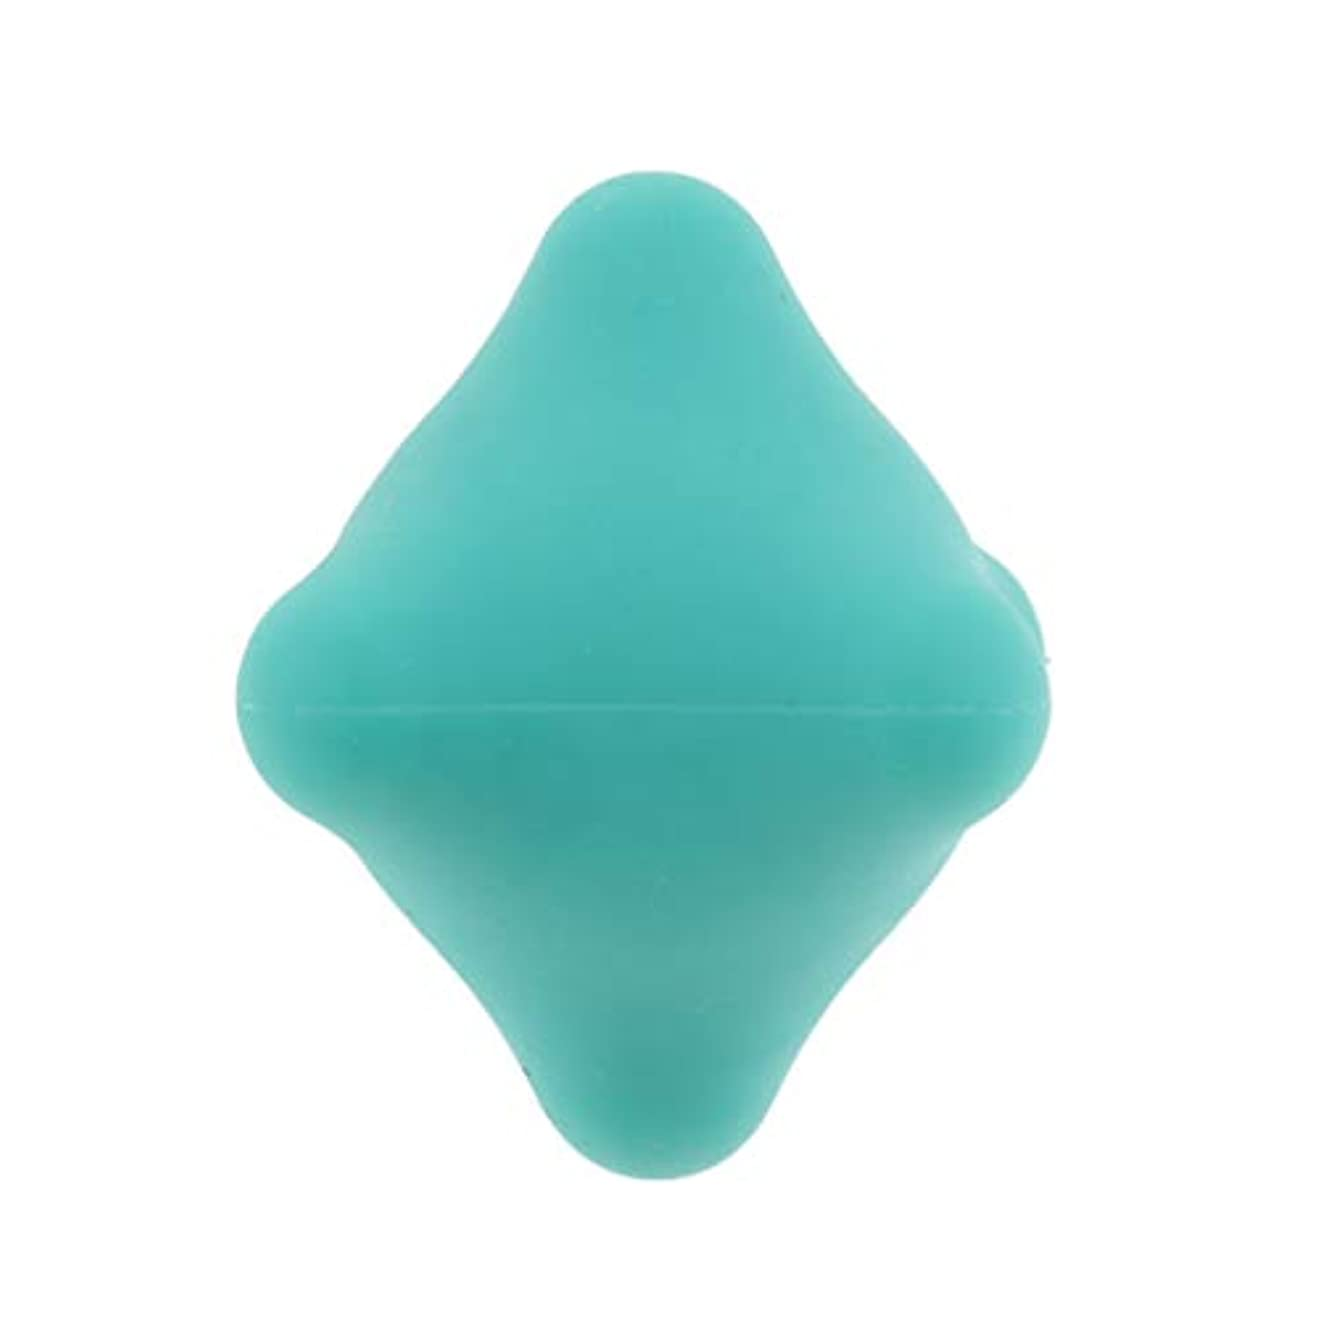 通り優勢コストPerfeclan 全9色 マッサージボール 指圧ボール 六角 筋膜リリース トリガーポイント 背中 足裏 ストレス解消 - 濃い緑色, 4.4cm